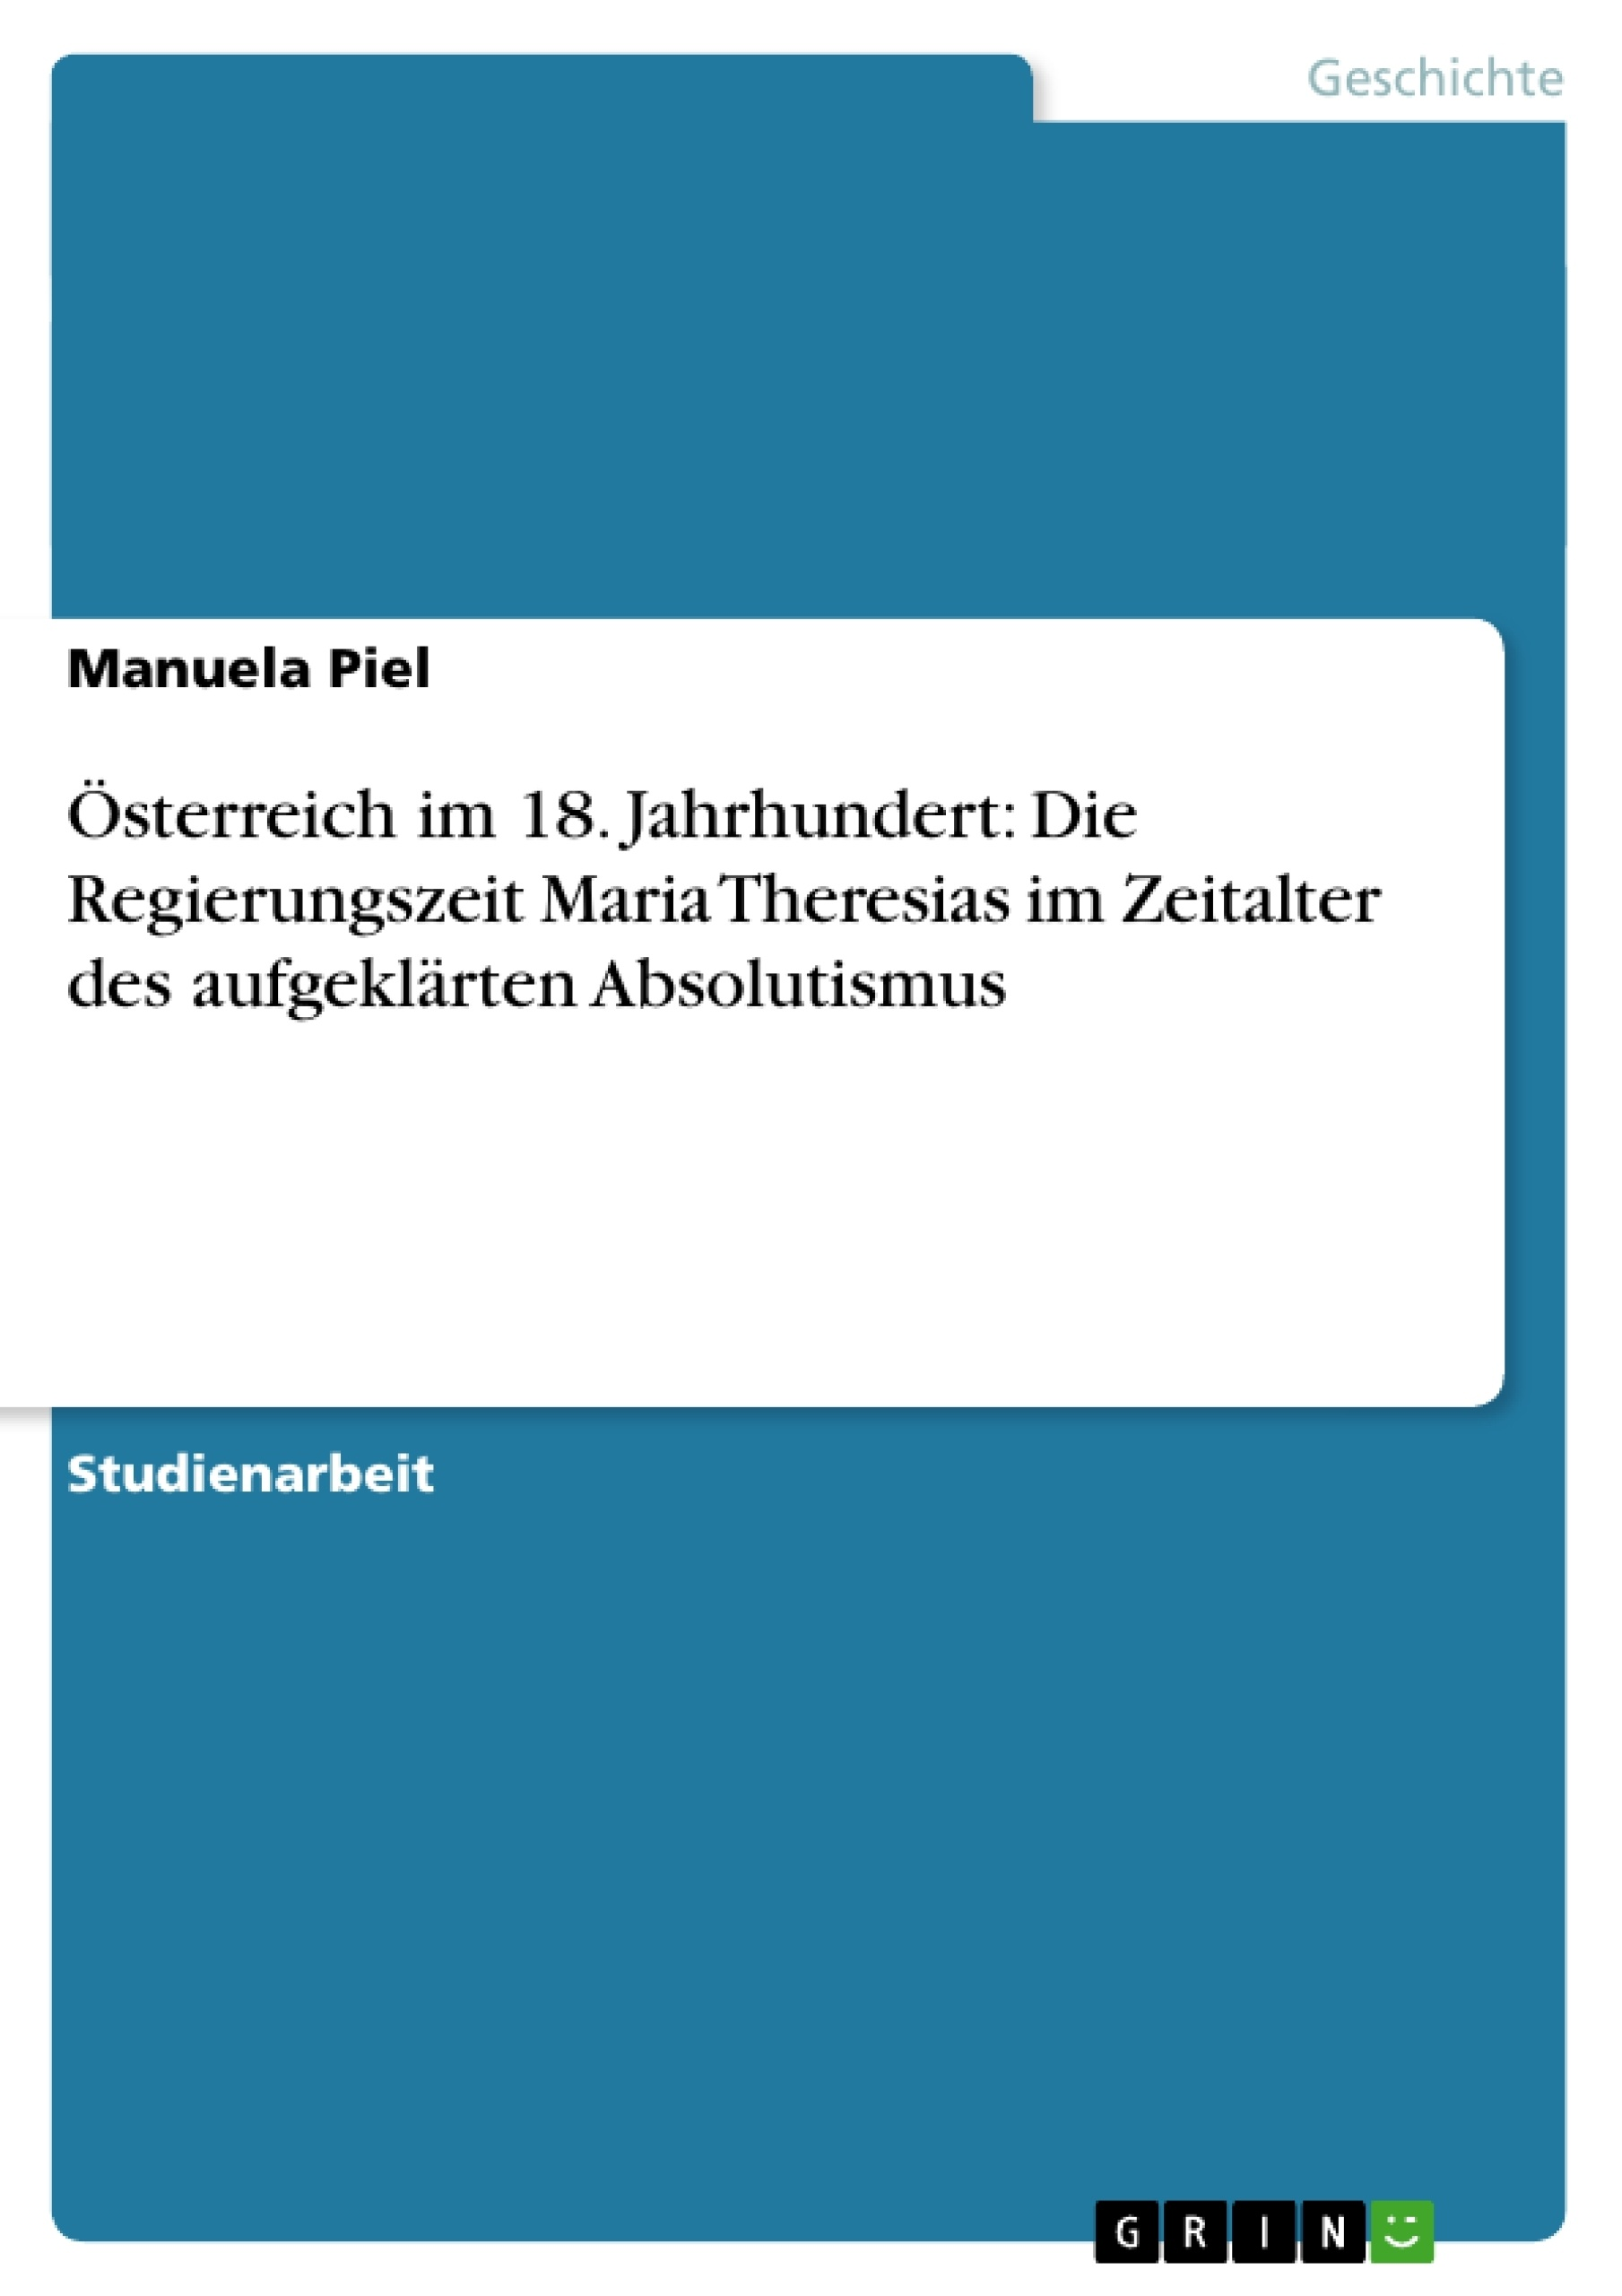 Titel: Österreich im 18. Jahrhundert: Die Regierungszeit Maria Theresias im Zeitalter des aufgeklärten Absolutismus